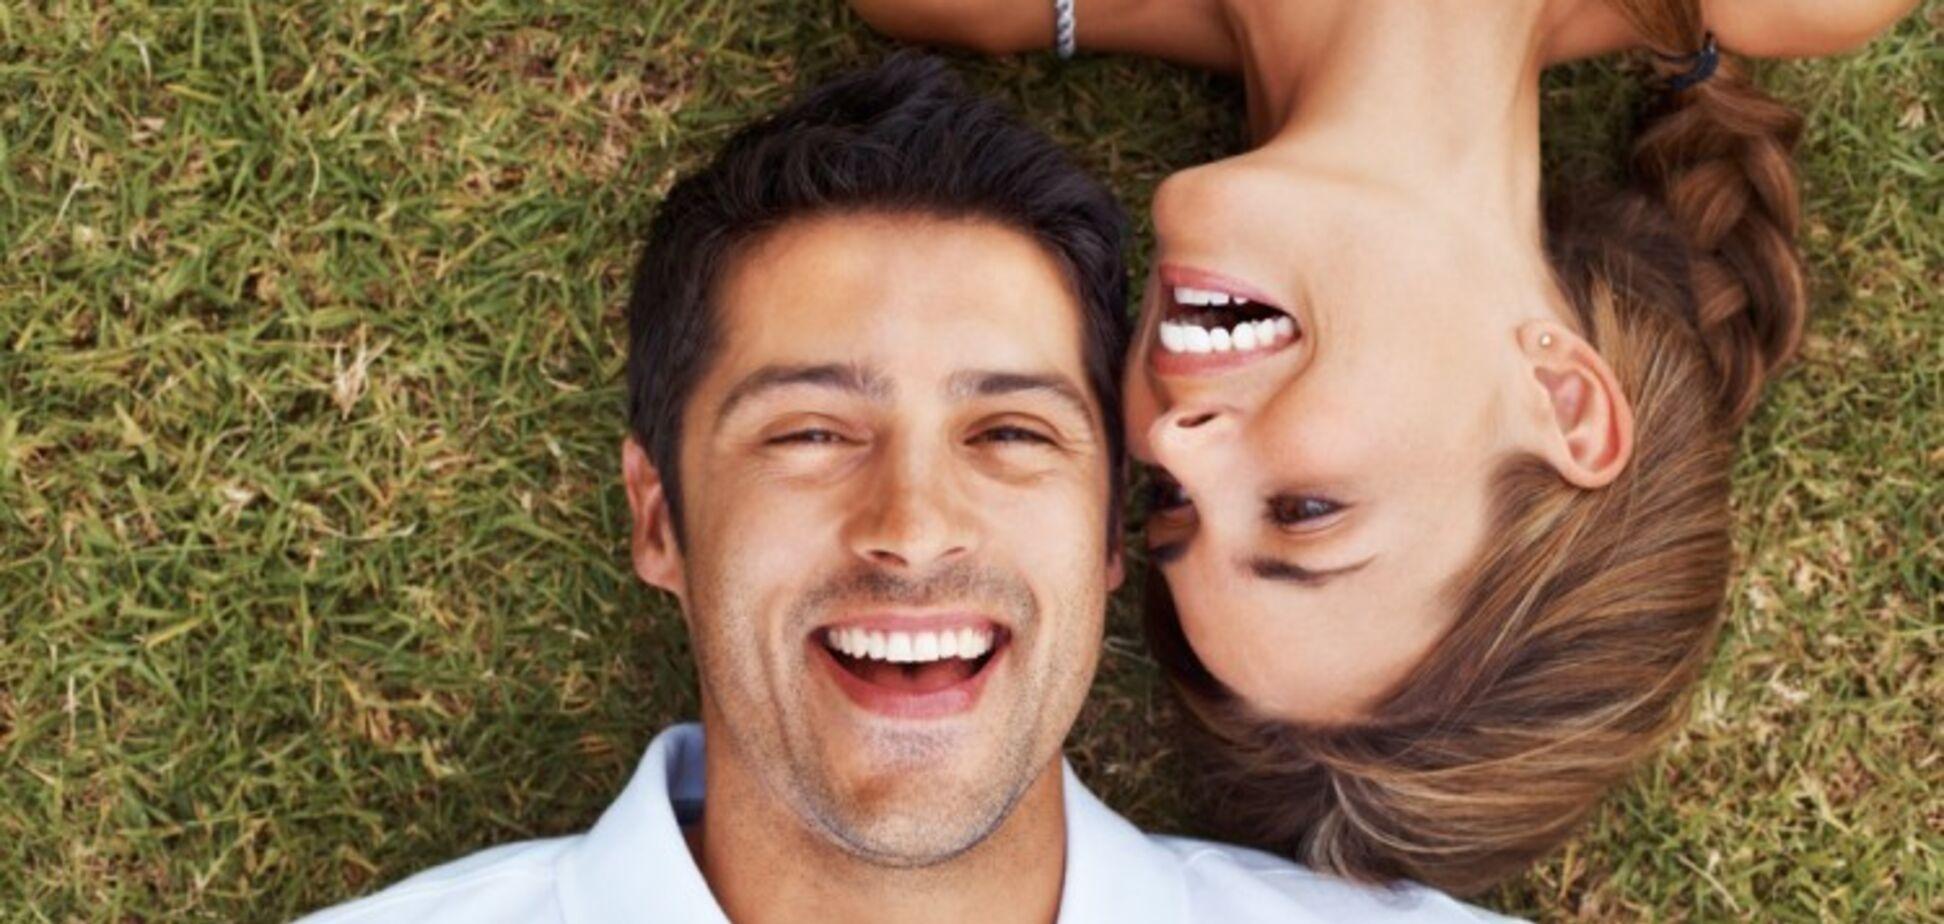 Когда жить друг без друга невозможно: симбиоз между мужчиной и женщиной